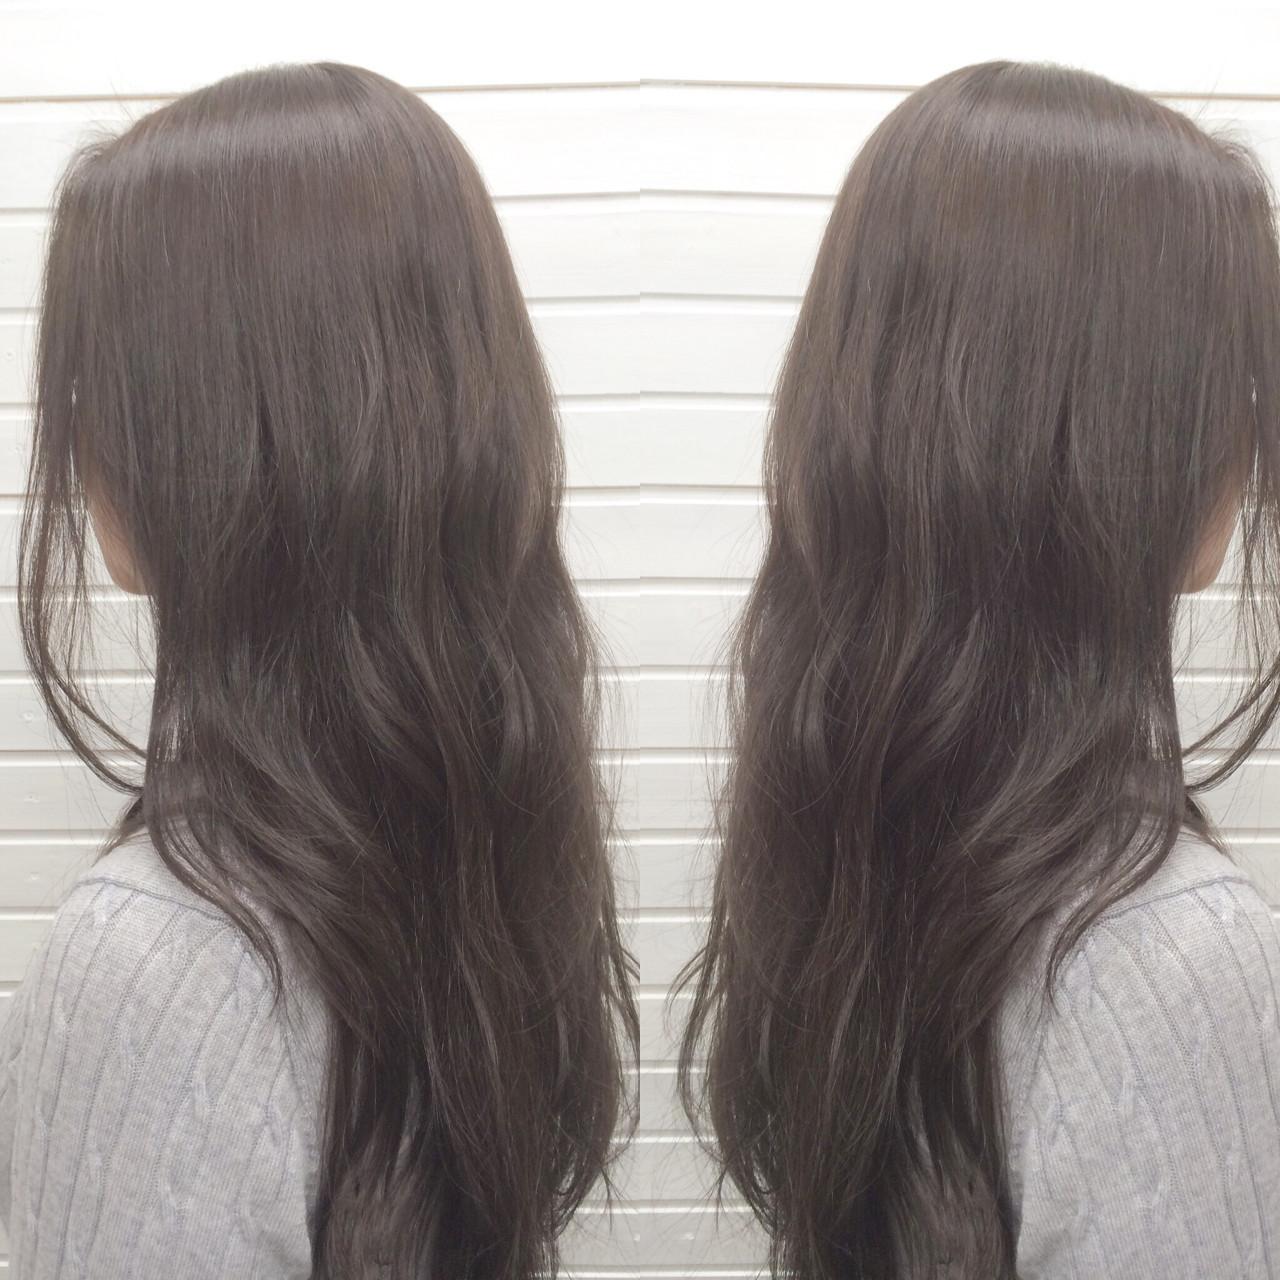 ナチュラル 暗髪 ロング アッシュグレージュ ヘアスタイルや髪型の写真・画像